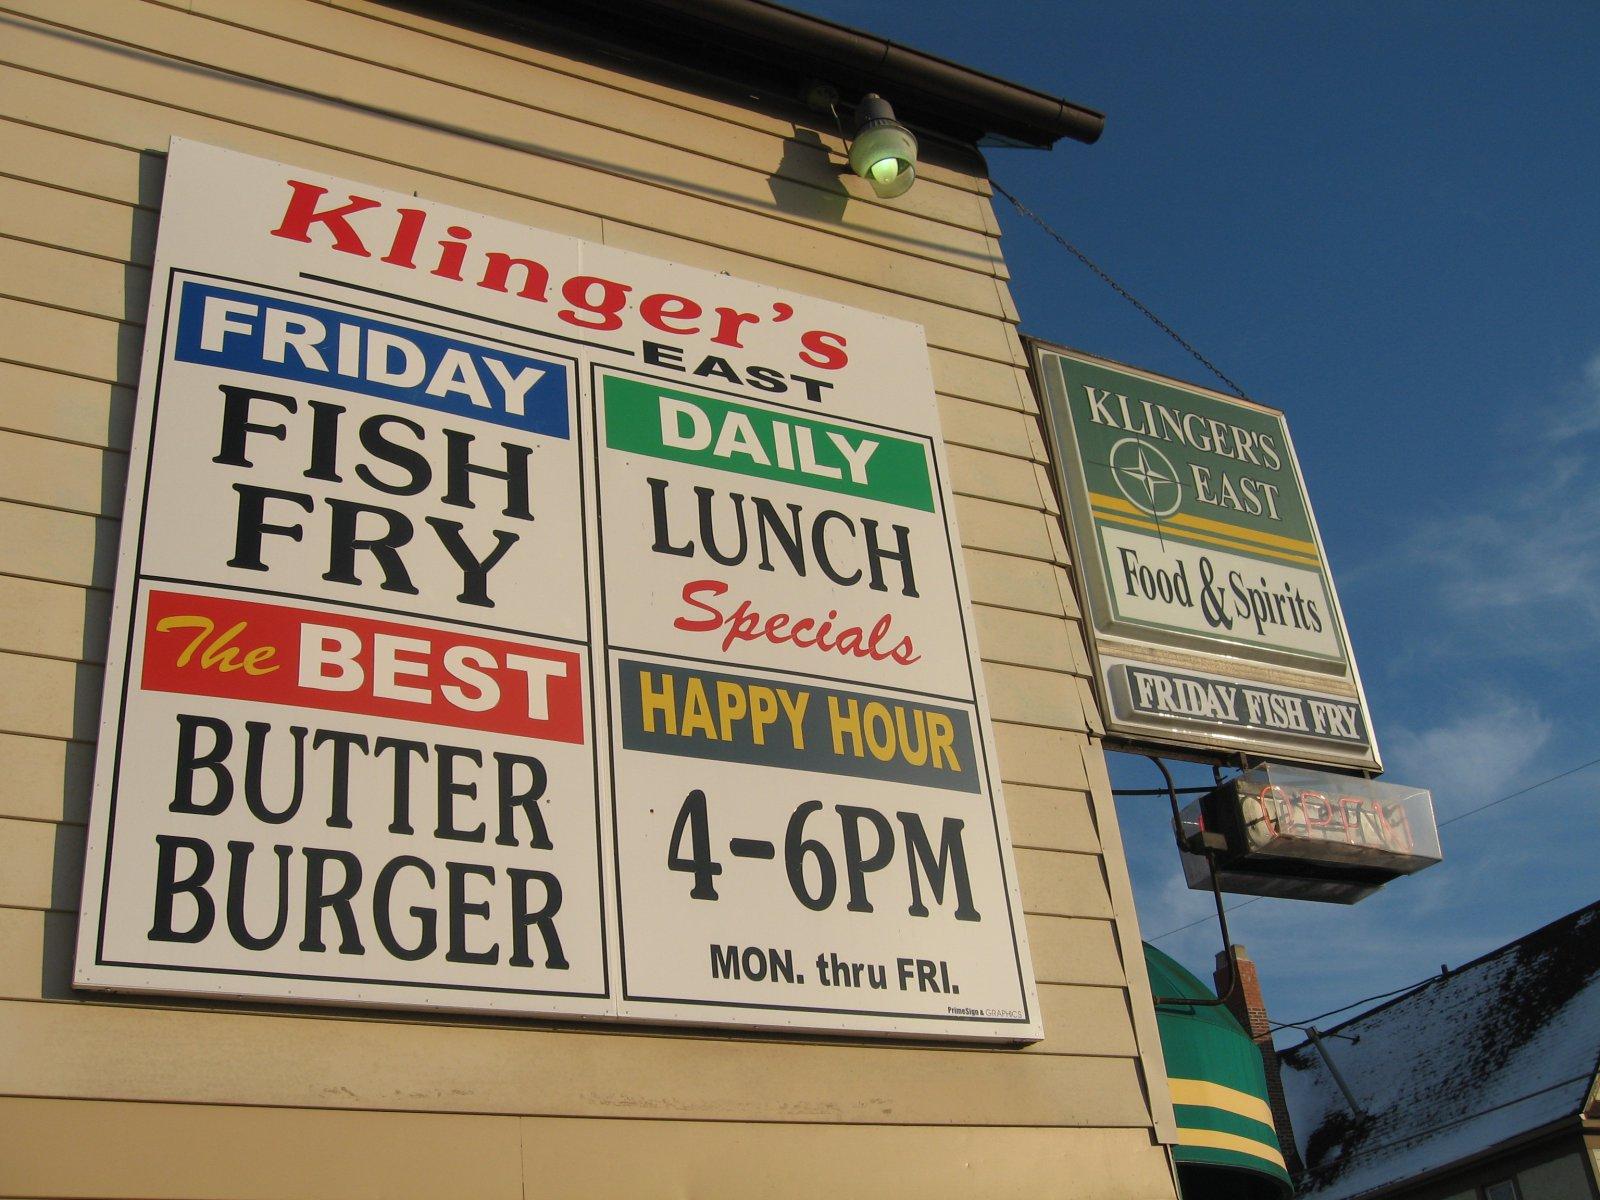 Klinger\'s East